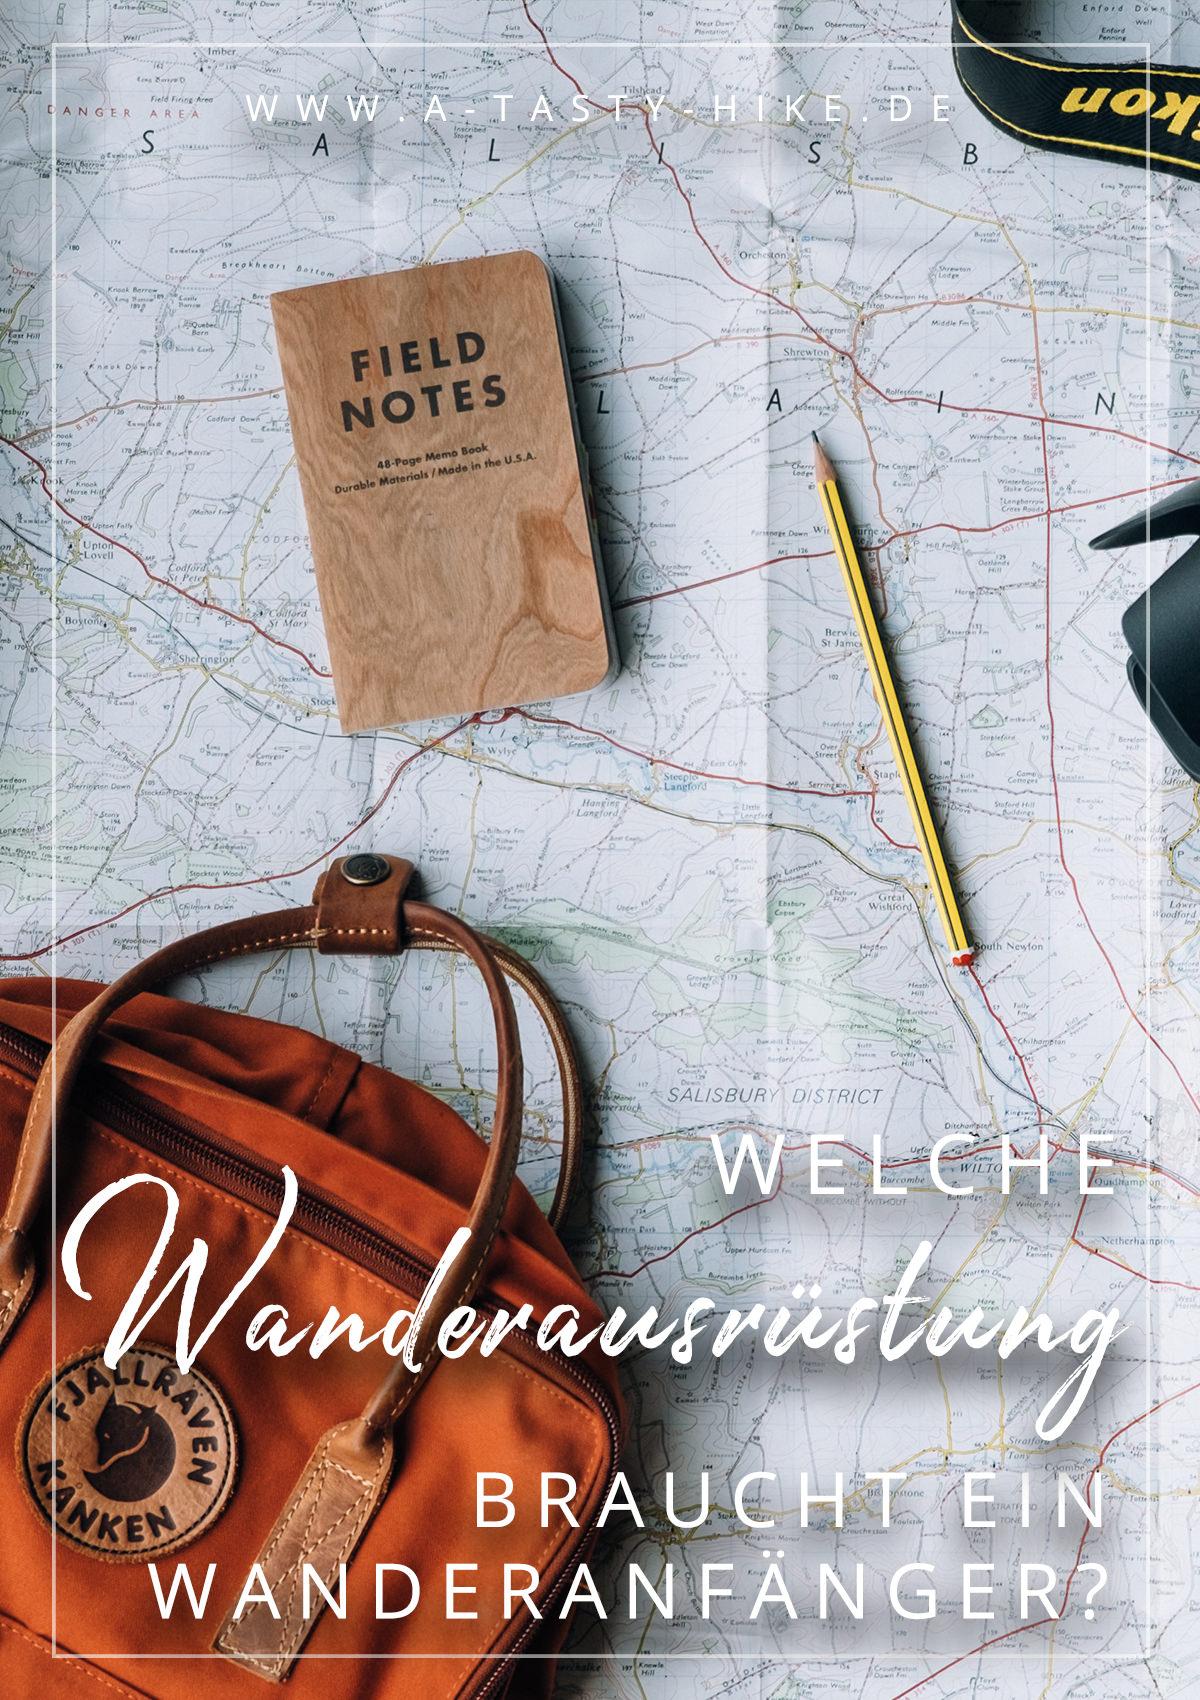 A Tasty Hike - Wanderausruestung fuer Wanderanfaenger - Pinterest